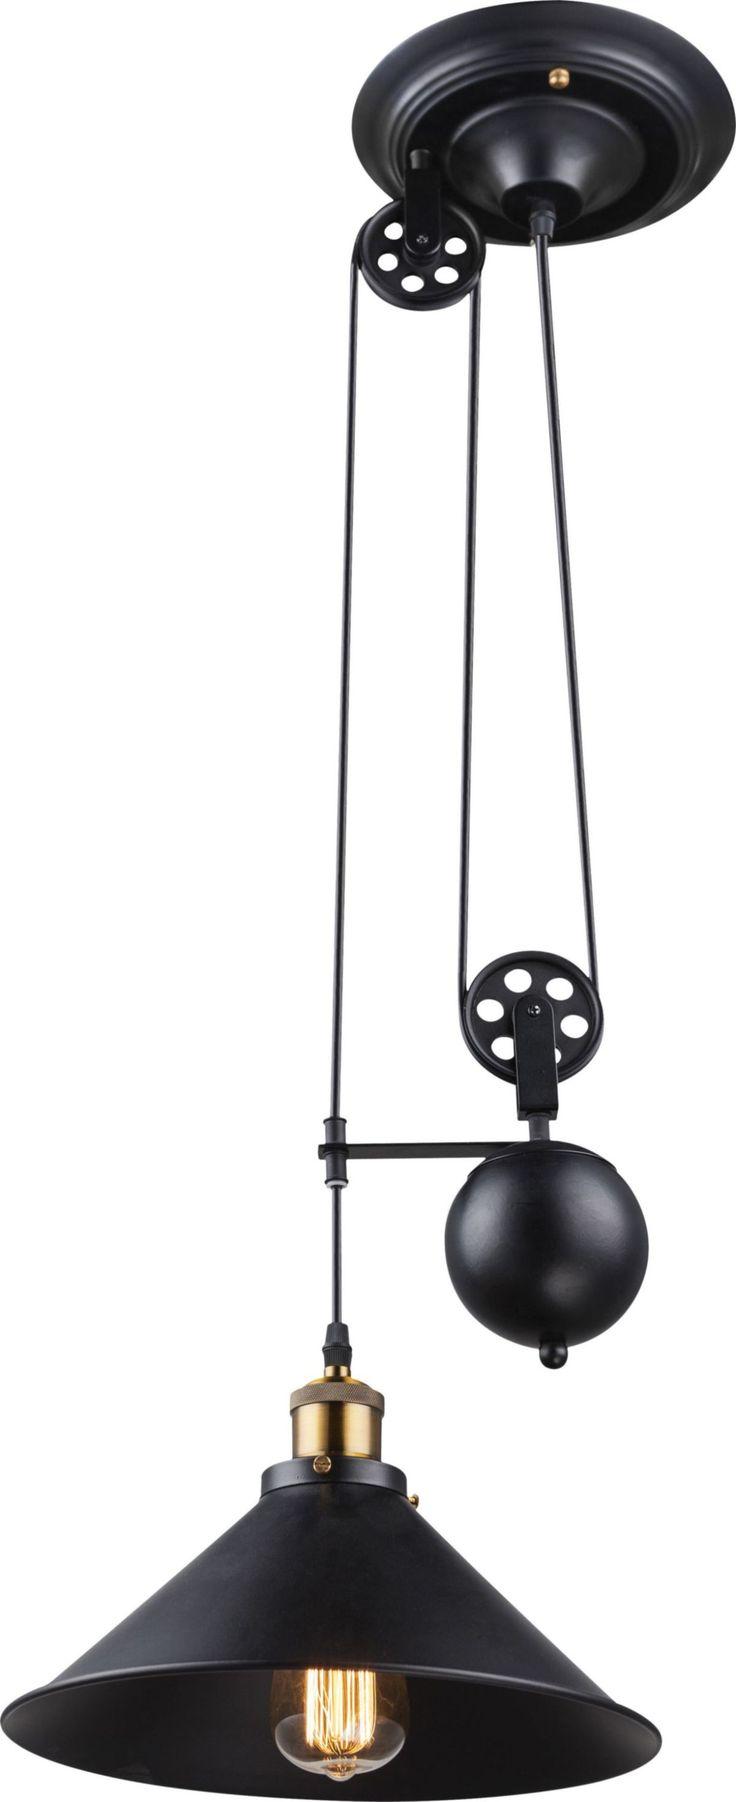 die besten 25 flaschenzug ideen auf pinterest seil regale handtuchregal und industrielle. Black Bedroom Furniture Sets. Home Design Ideas